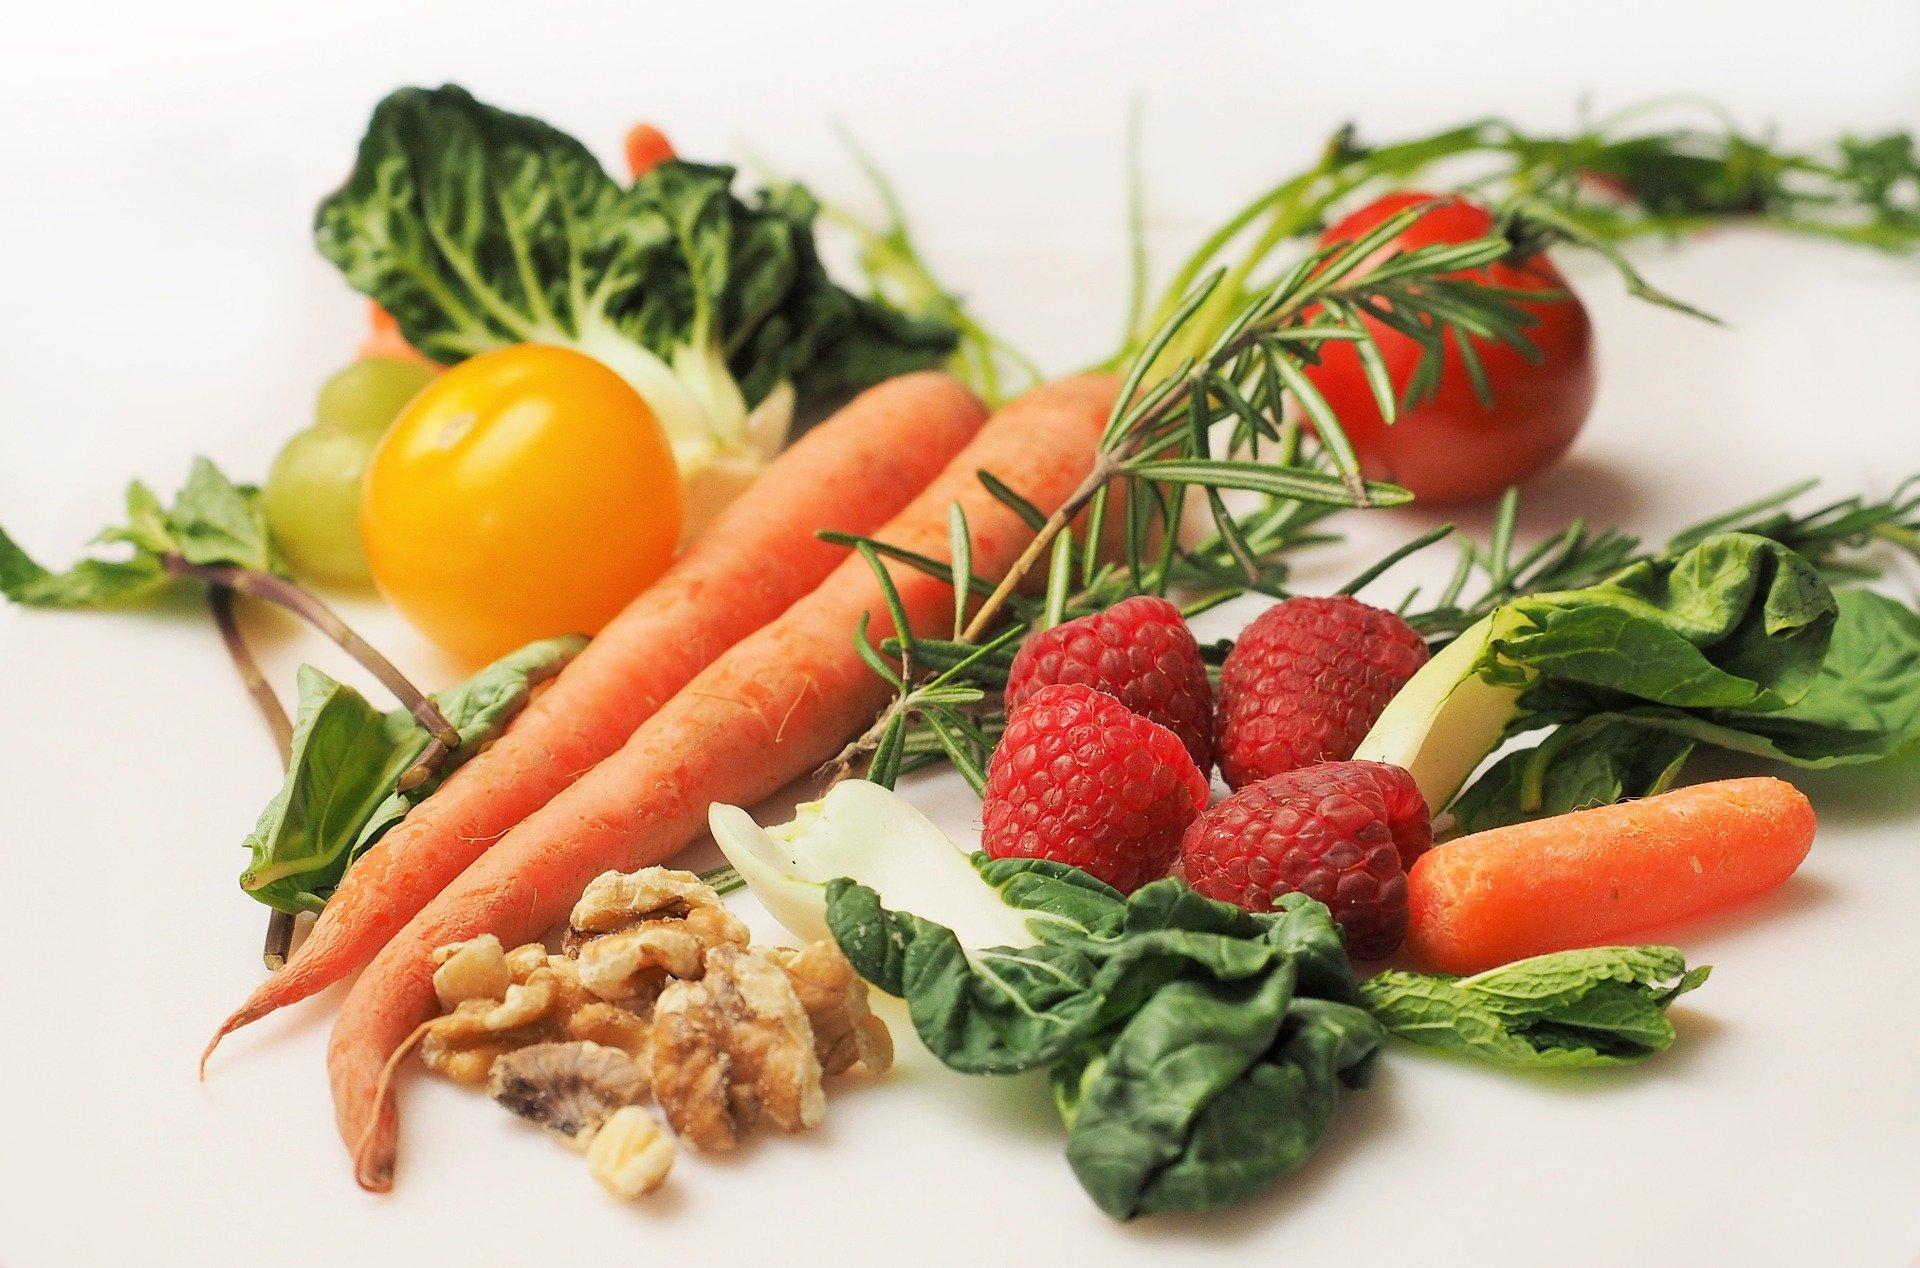 vegetables 1085063 1920 - Las claves para alimentar tu alma